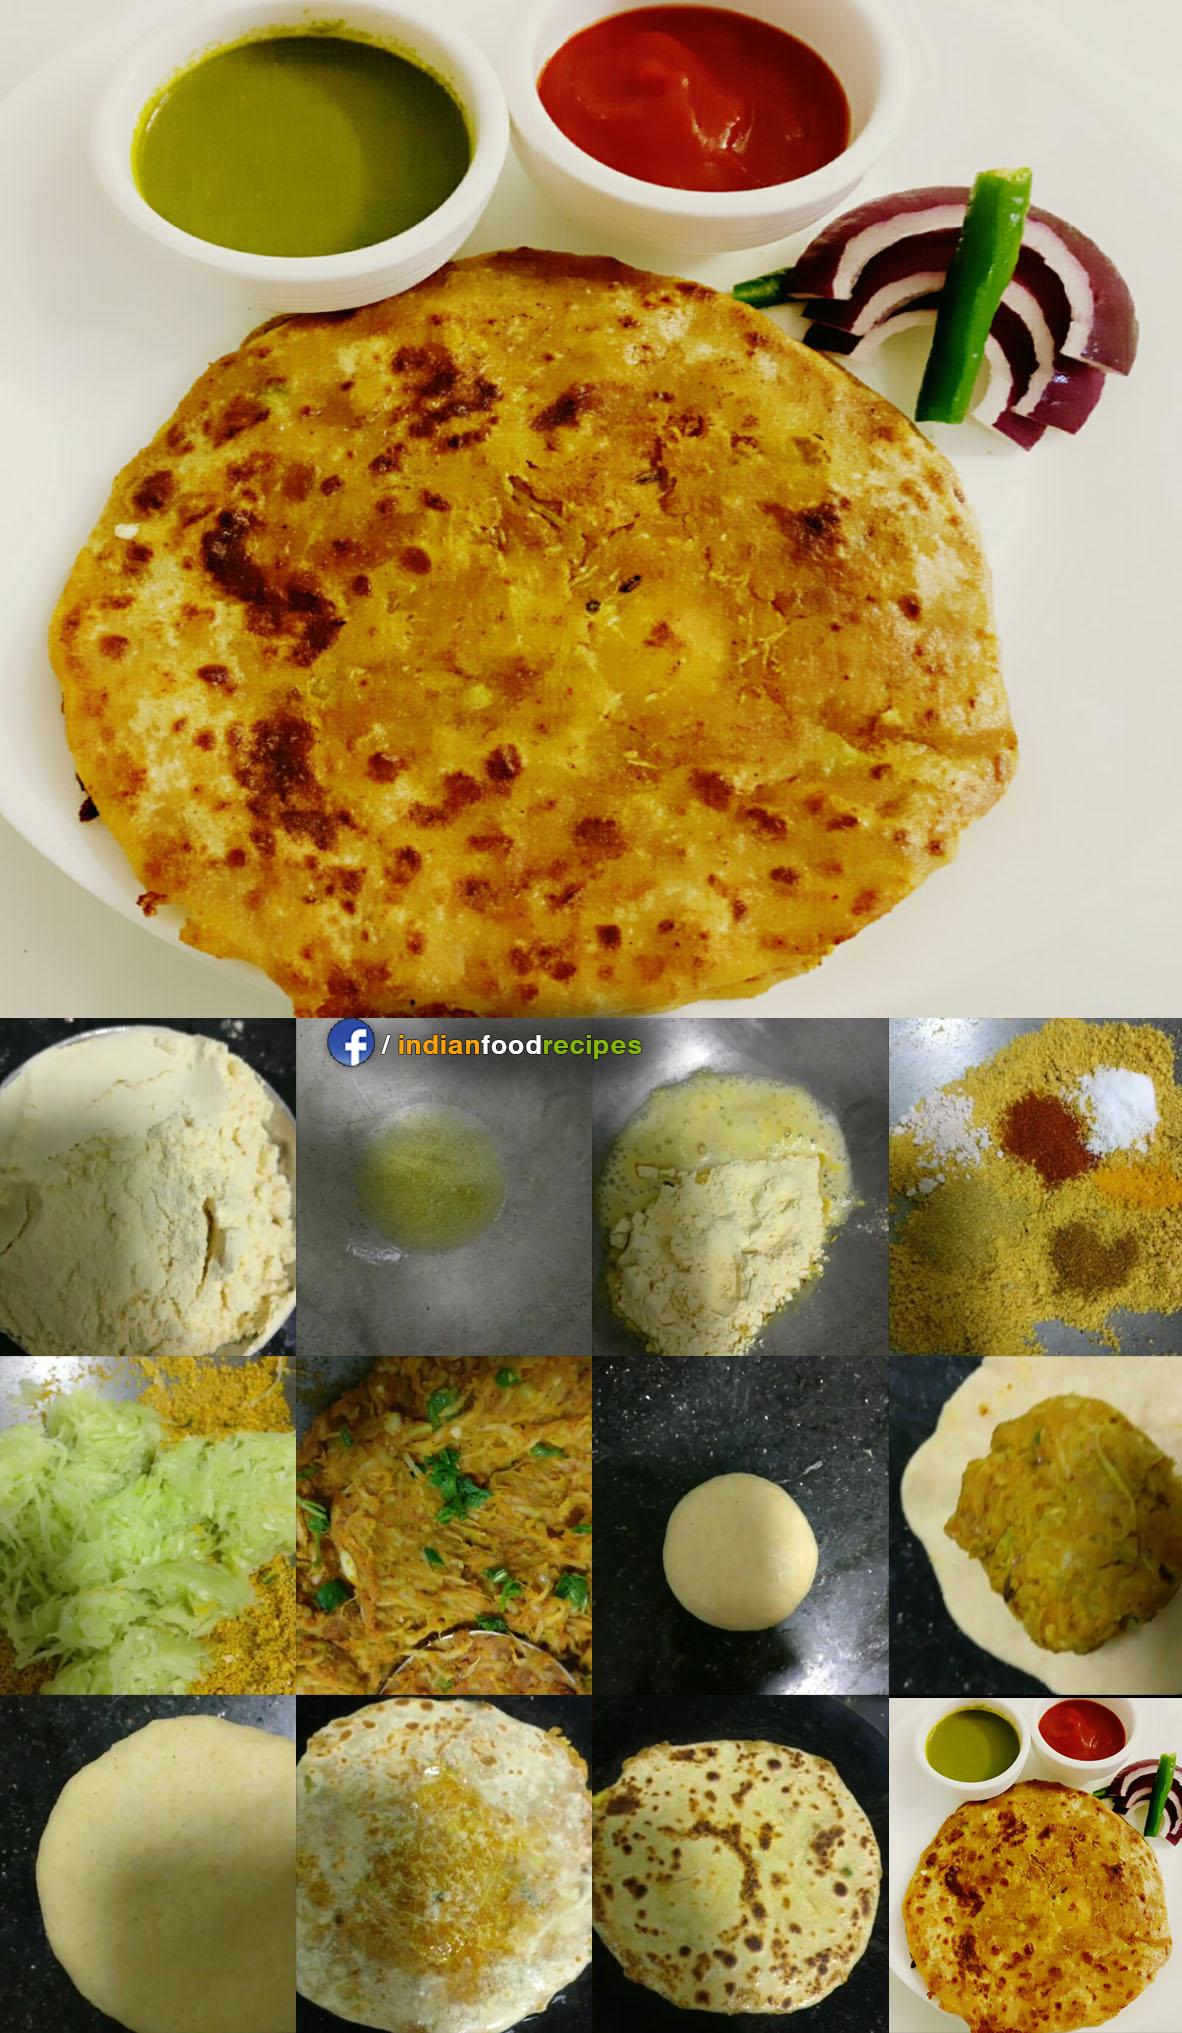 Lauki paratha recipe step by step